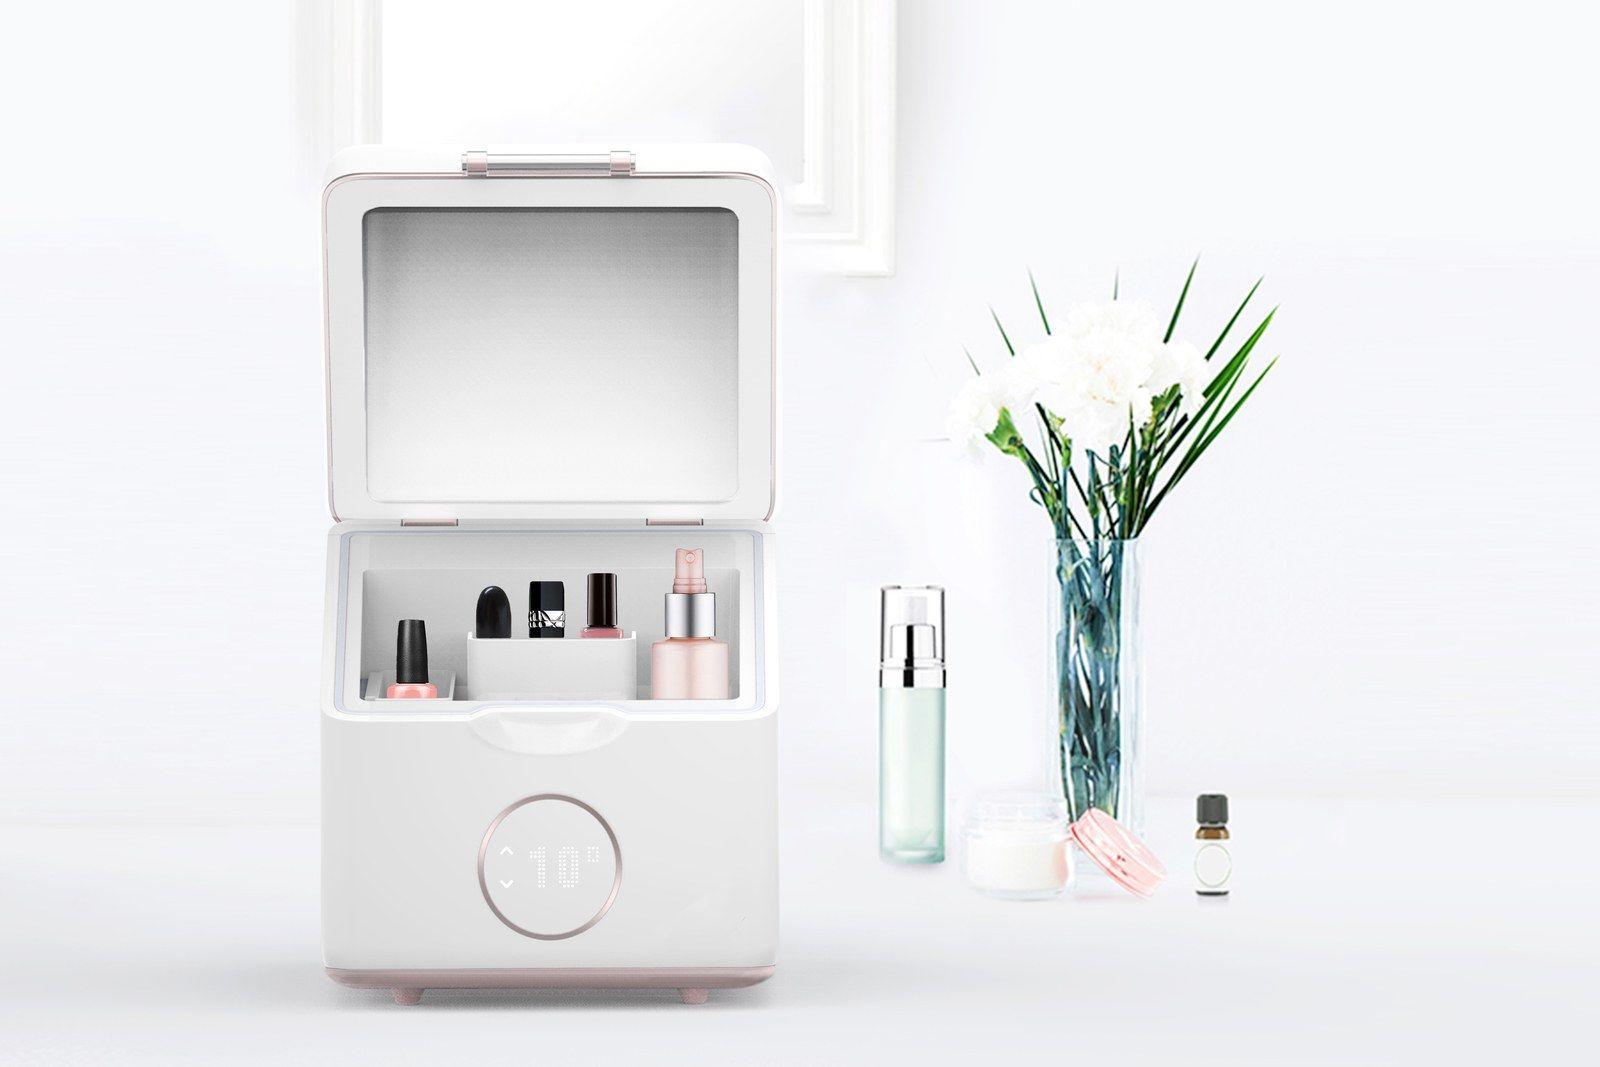 Mini Kühlschrank Kosmetik : Kosmetikprodukte richtig aufbewahren beauty pflege gesicht